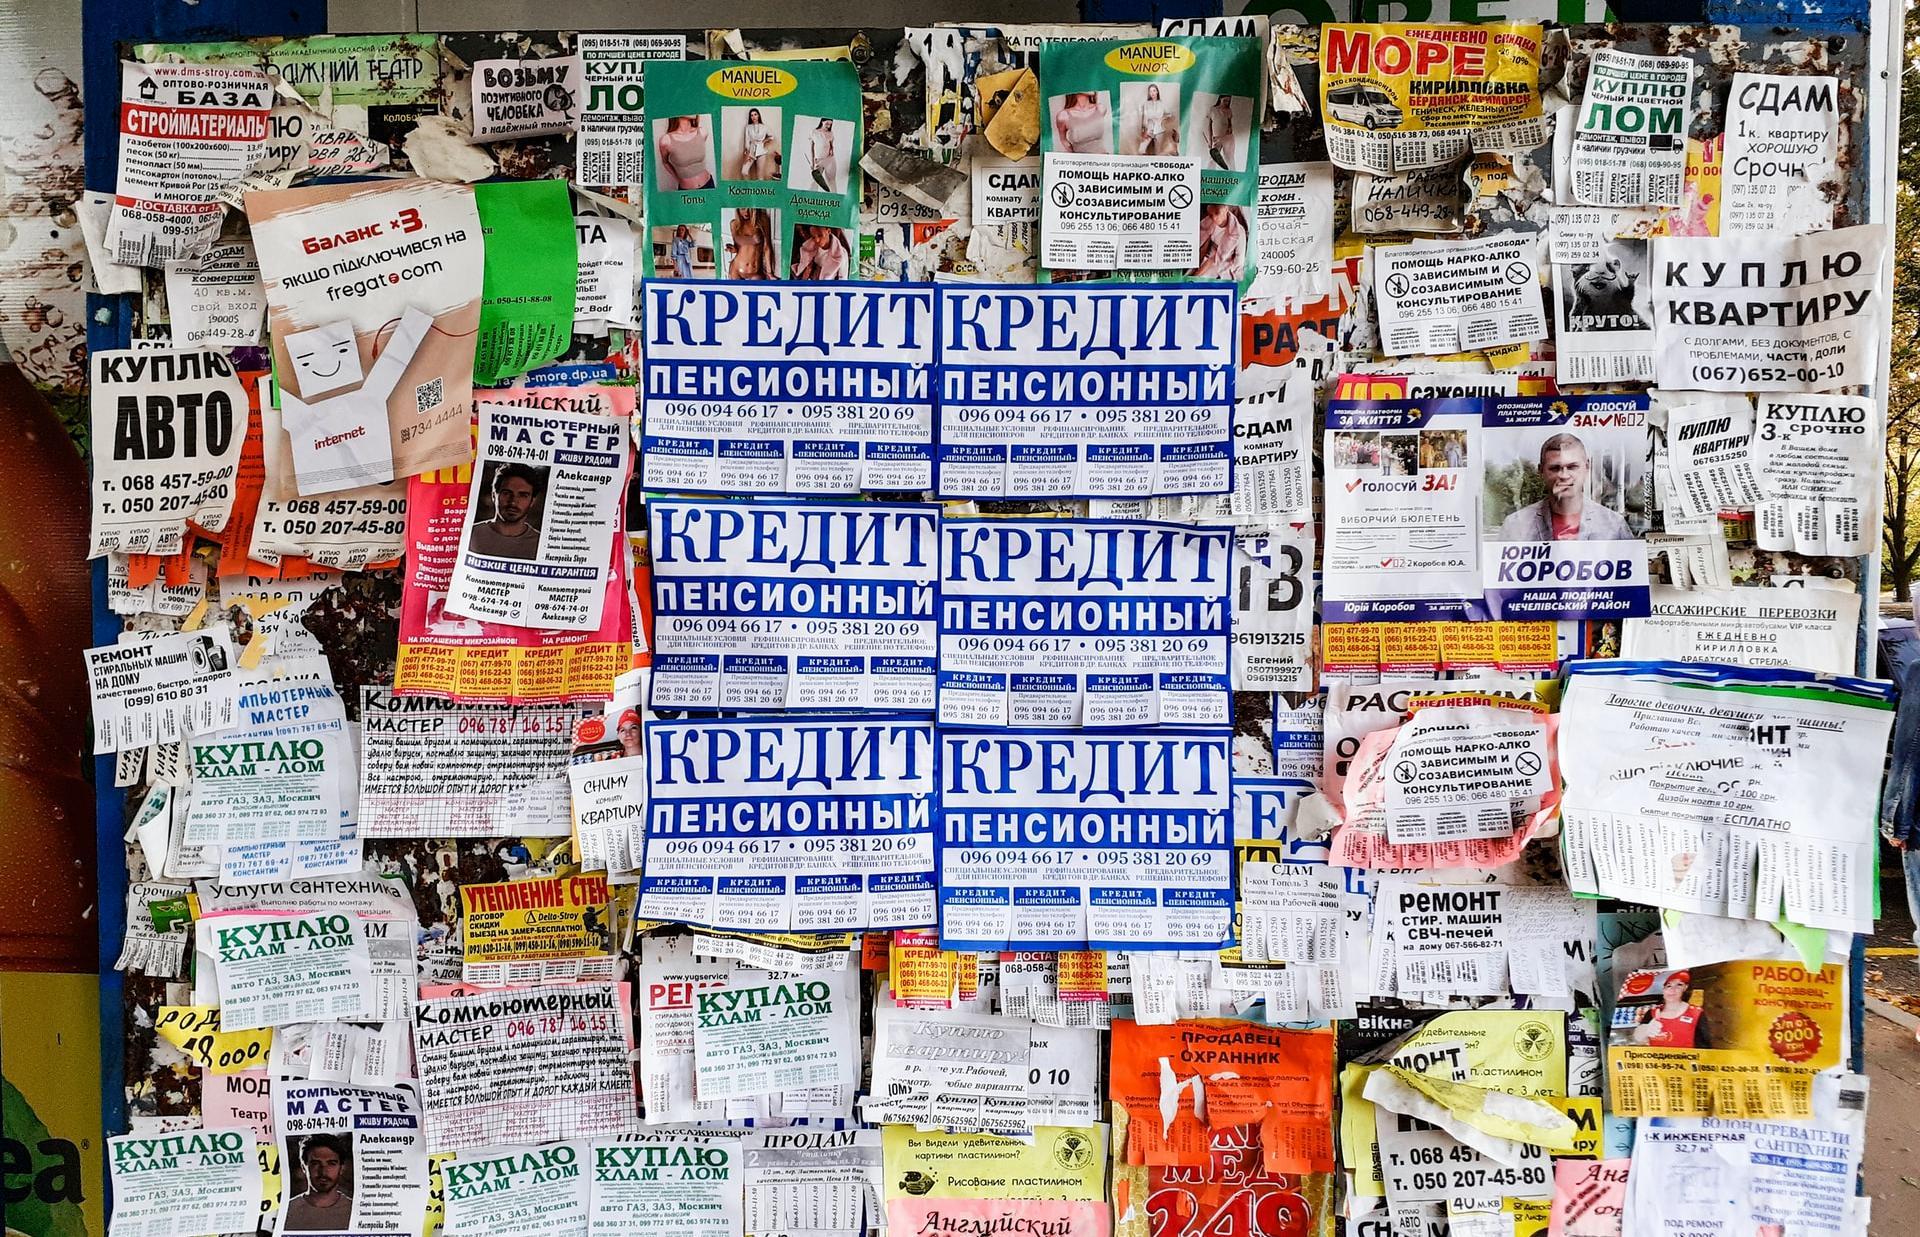 Бизнесу и жителям Тверской области реструктурировано кредитов на 9млрд рублей